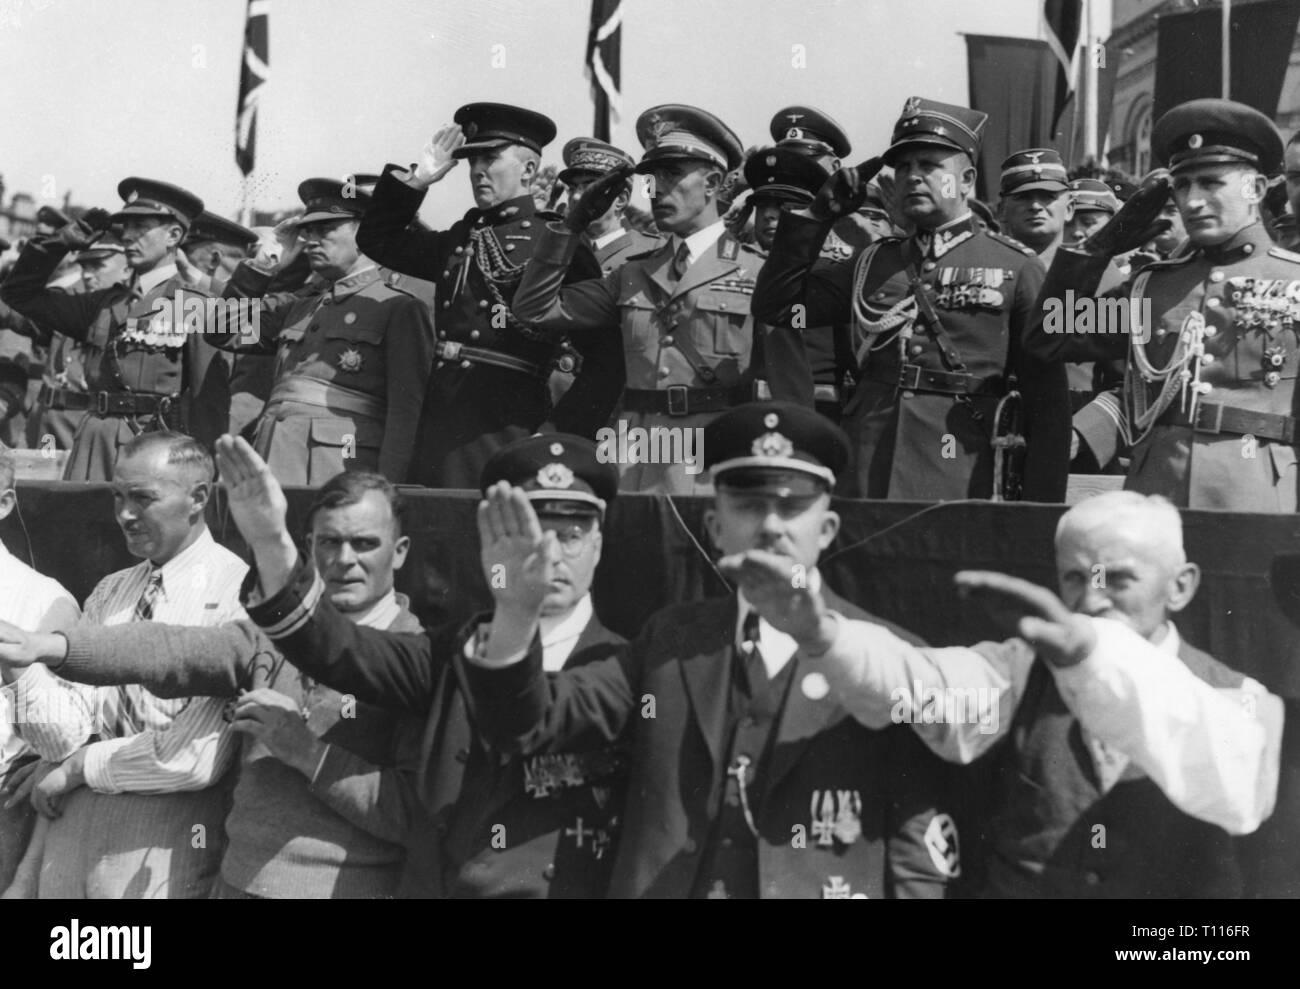 Nationalsozialismus / Nationalsozialismus, Events, Reichs Krieger Tag in Kassel, stand mit ausländischen Offiziere, später 1930er Jahre, Additional-Rights - Clearance-Info - Not-Available Stockbild